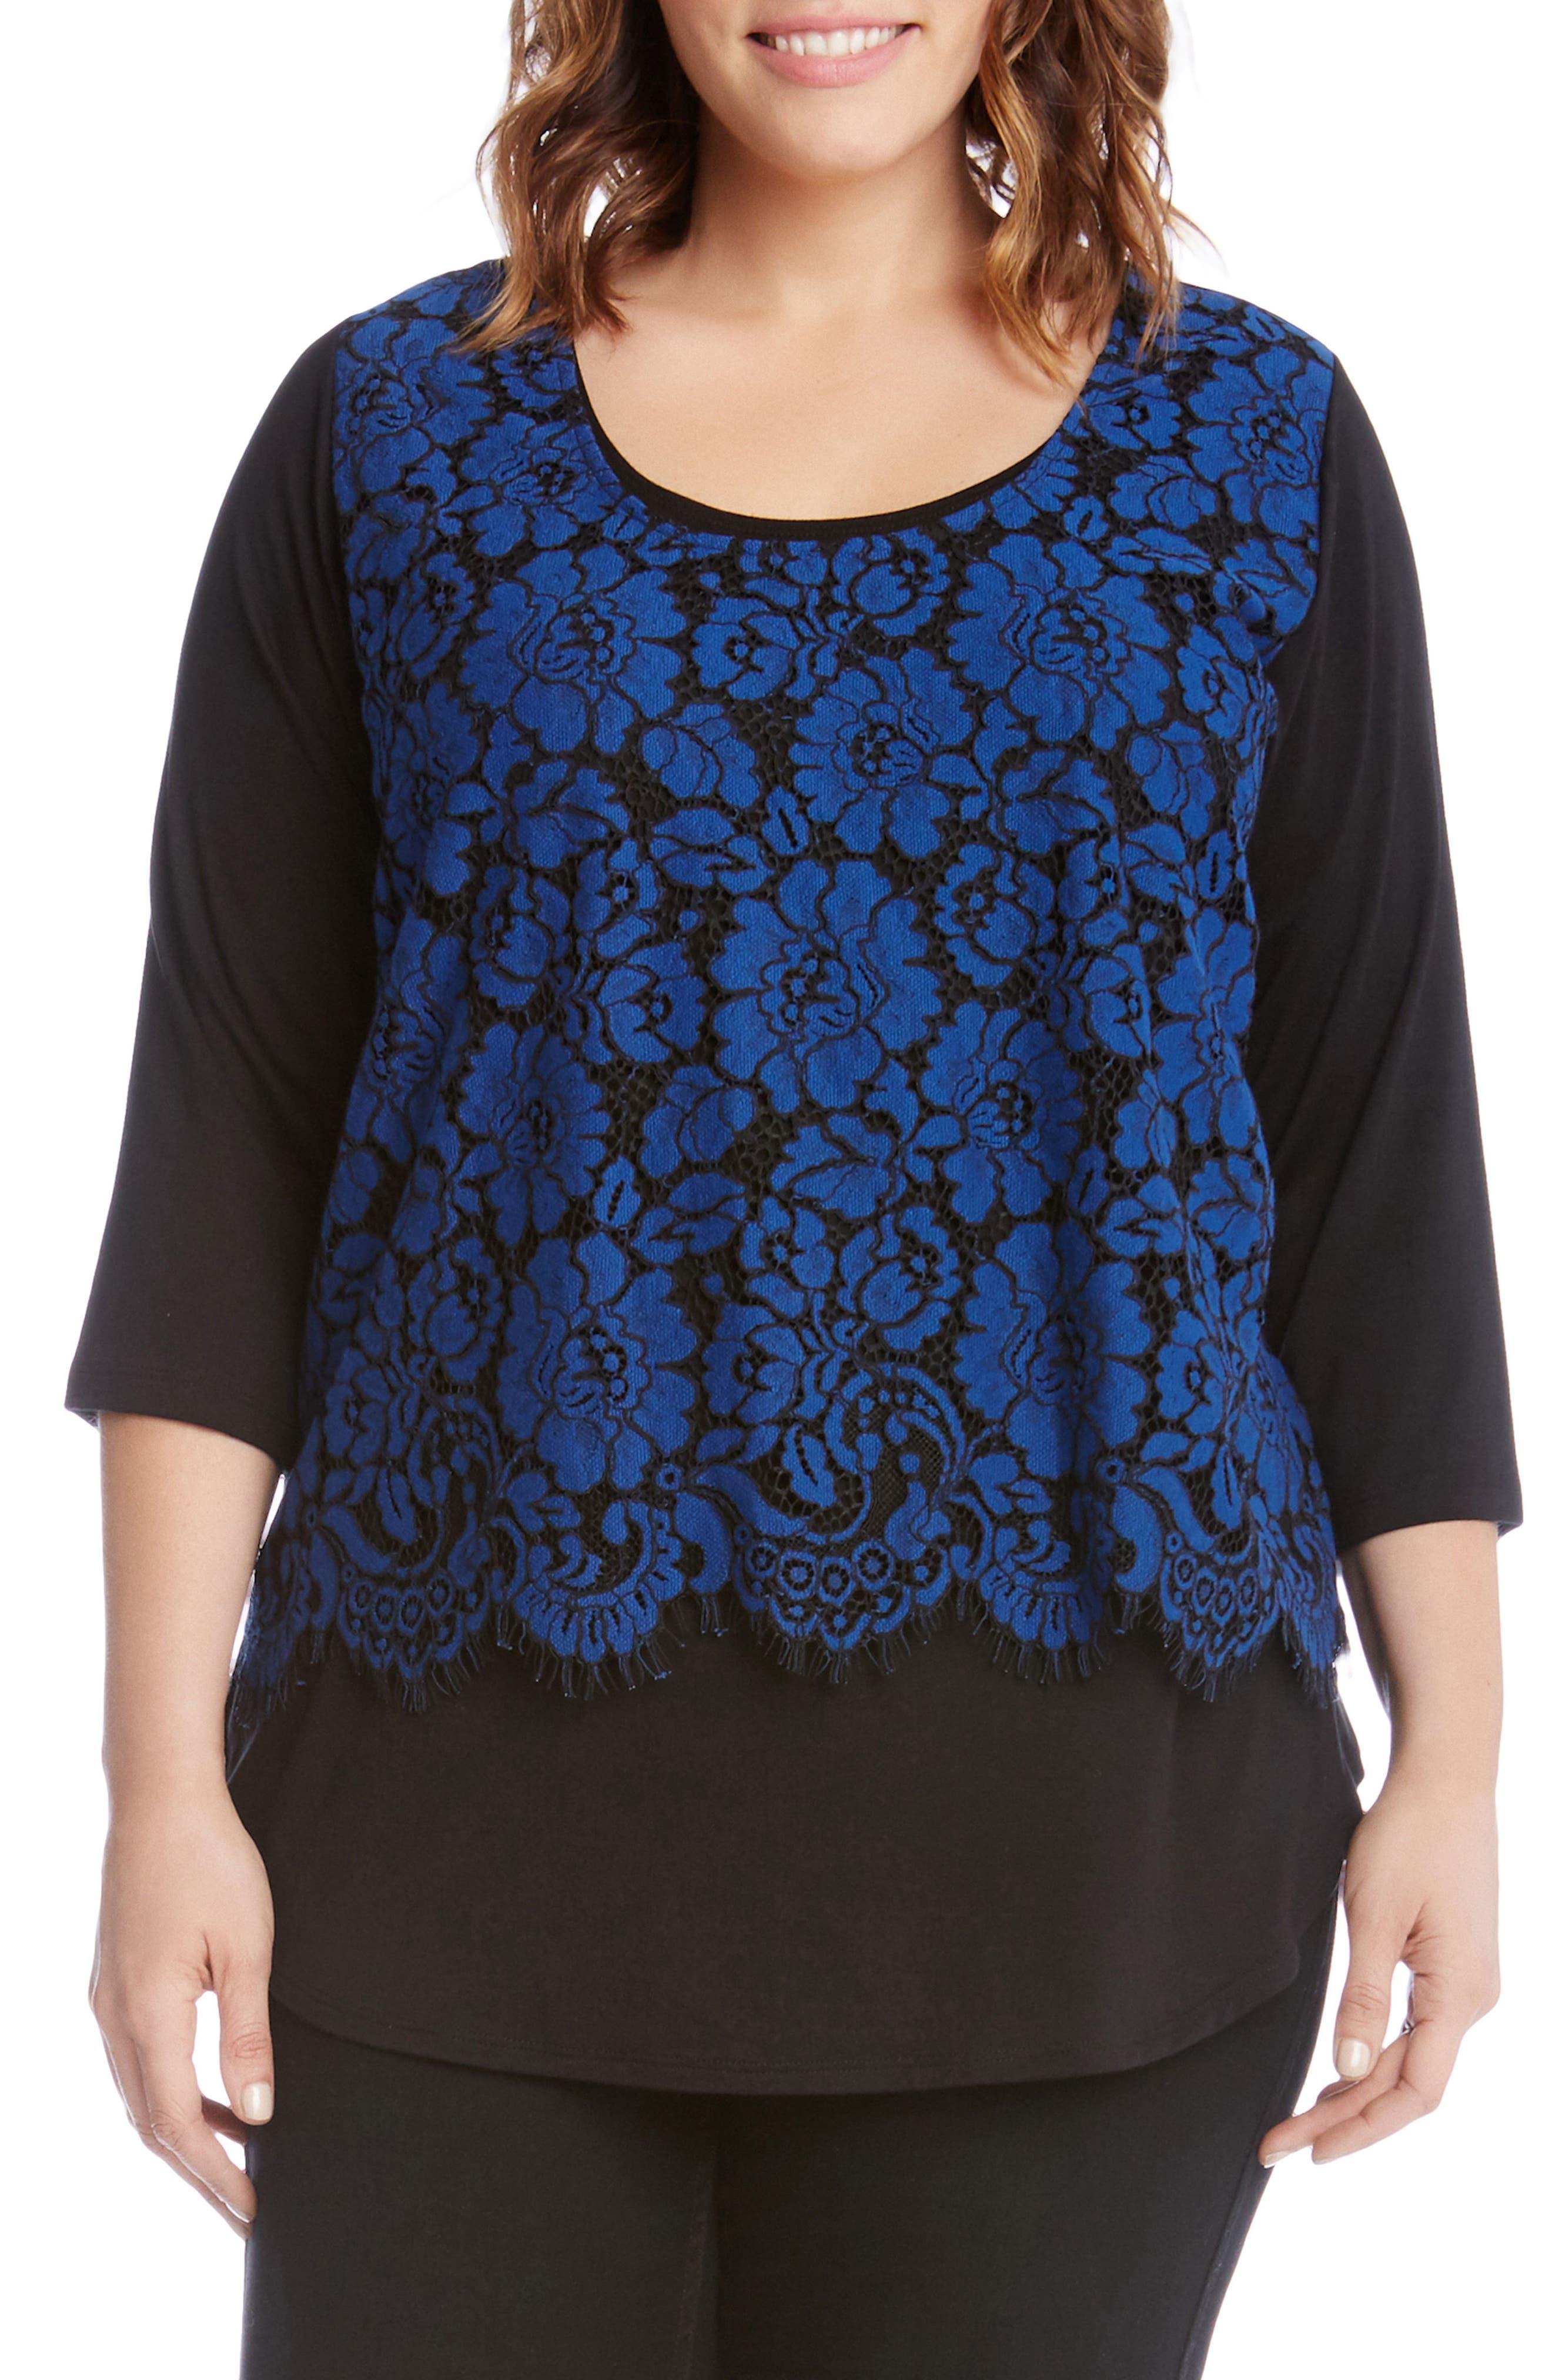 Main Image - Karen Kane Lace Overlay Top (Plus Size)